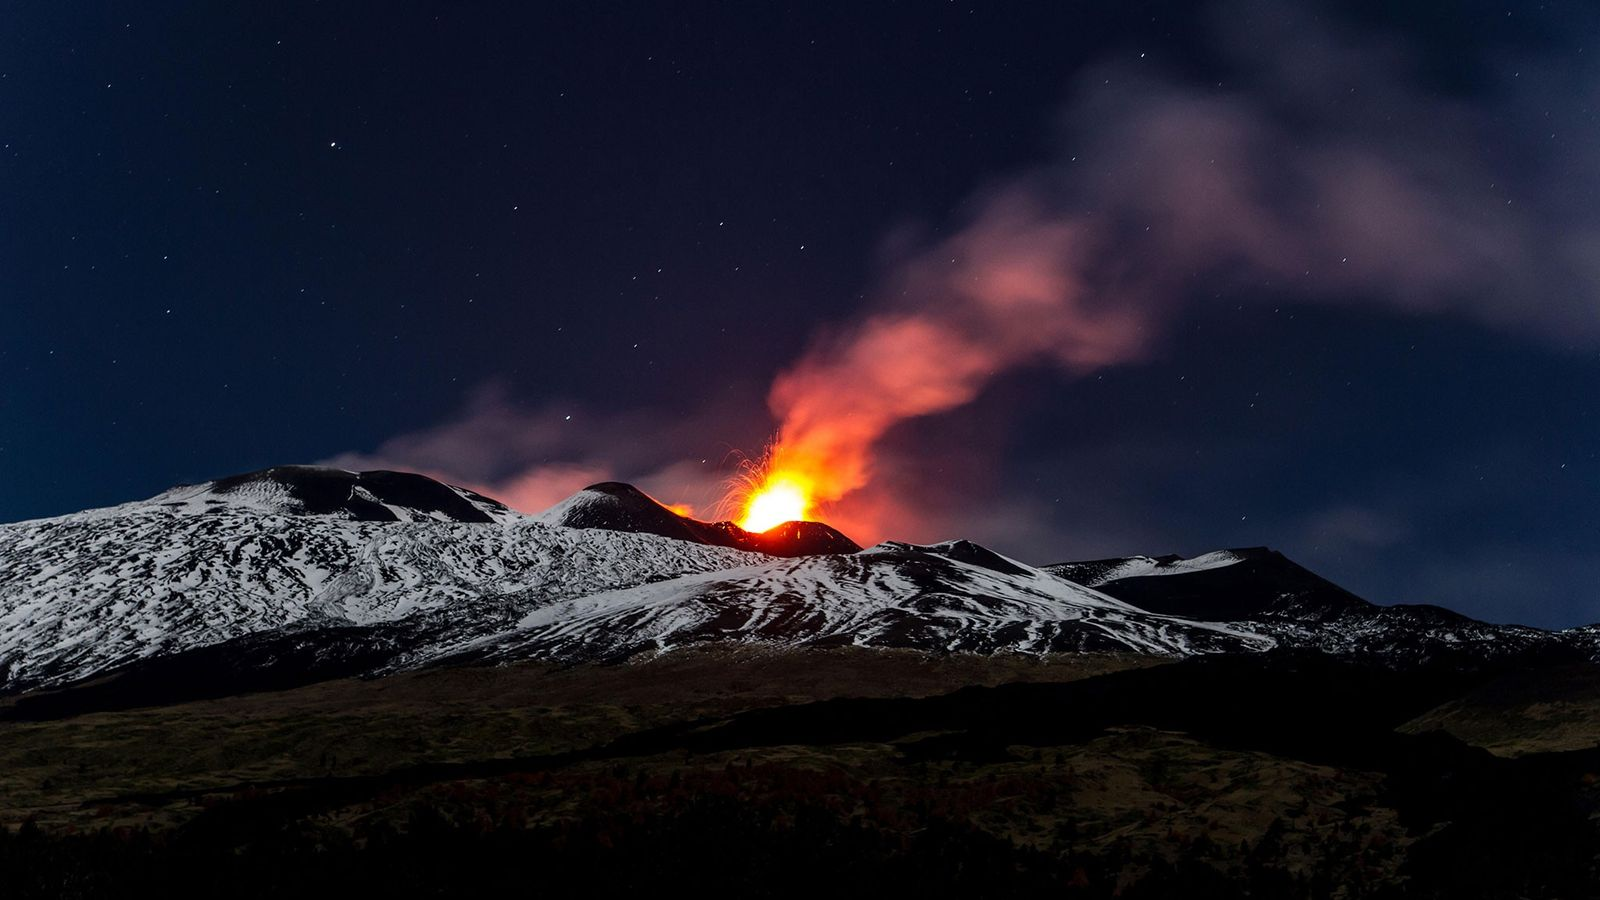 Explosiones de lava del monte Etna en Sicilia durante una impresionante erupción en 2013.